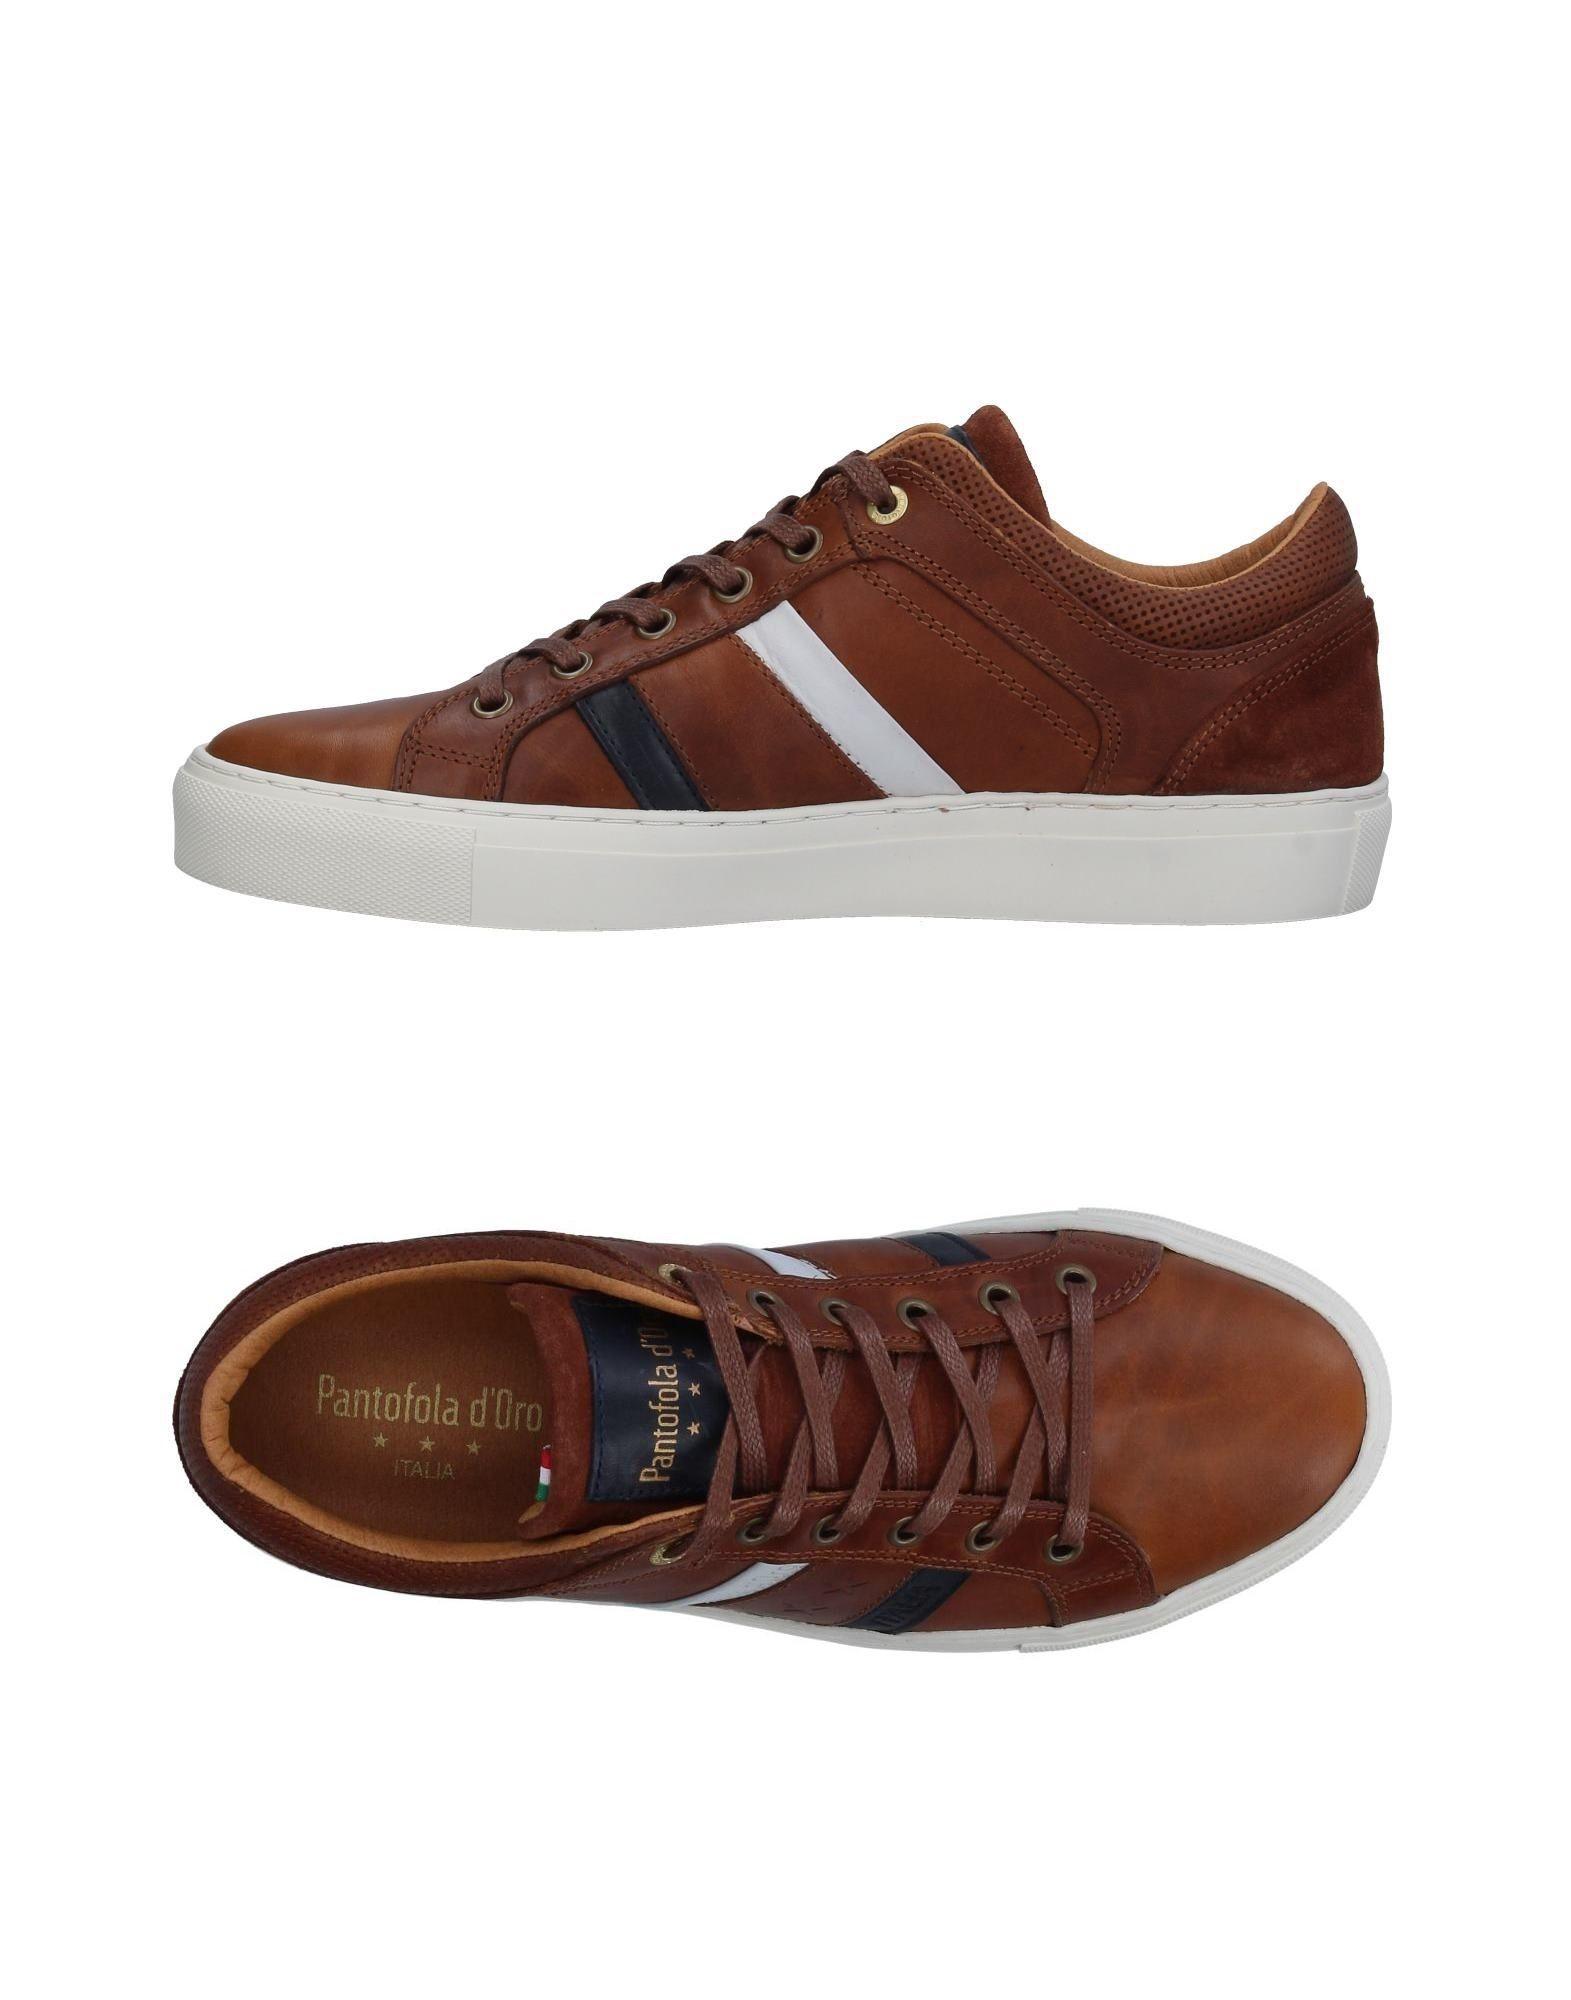 Pantofola D'oro Sneakers Herren 11338503UJ  11338503UJ Herren de2462